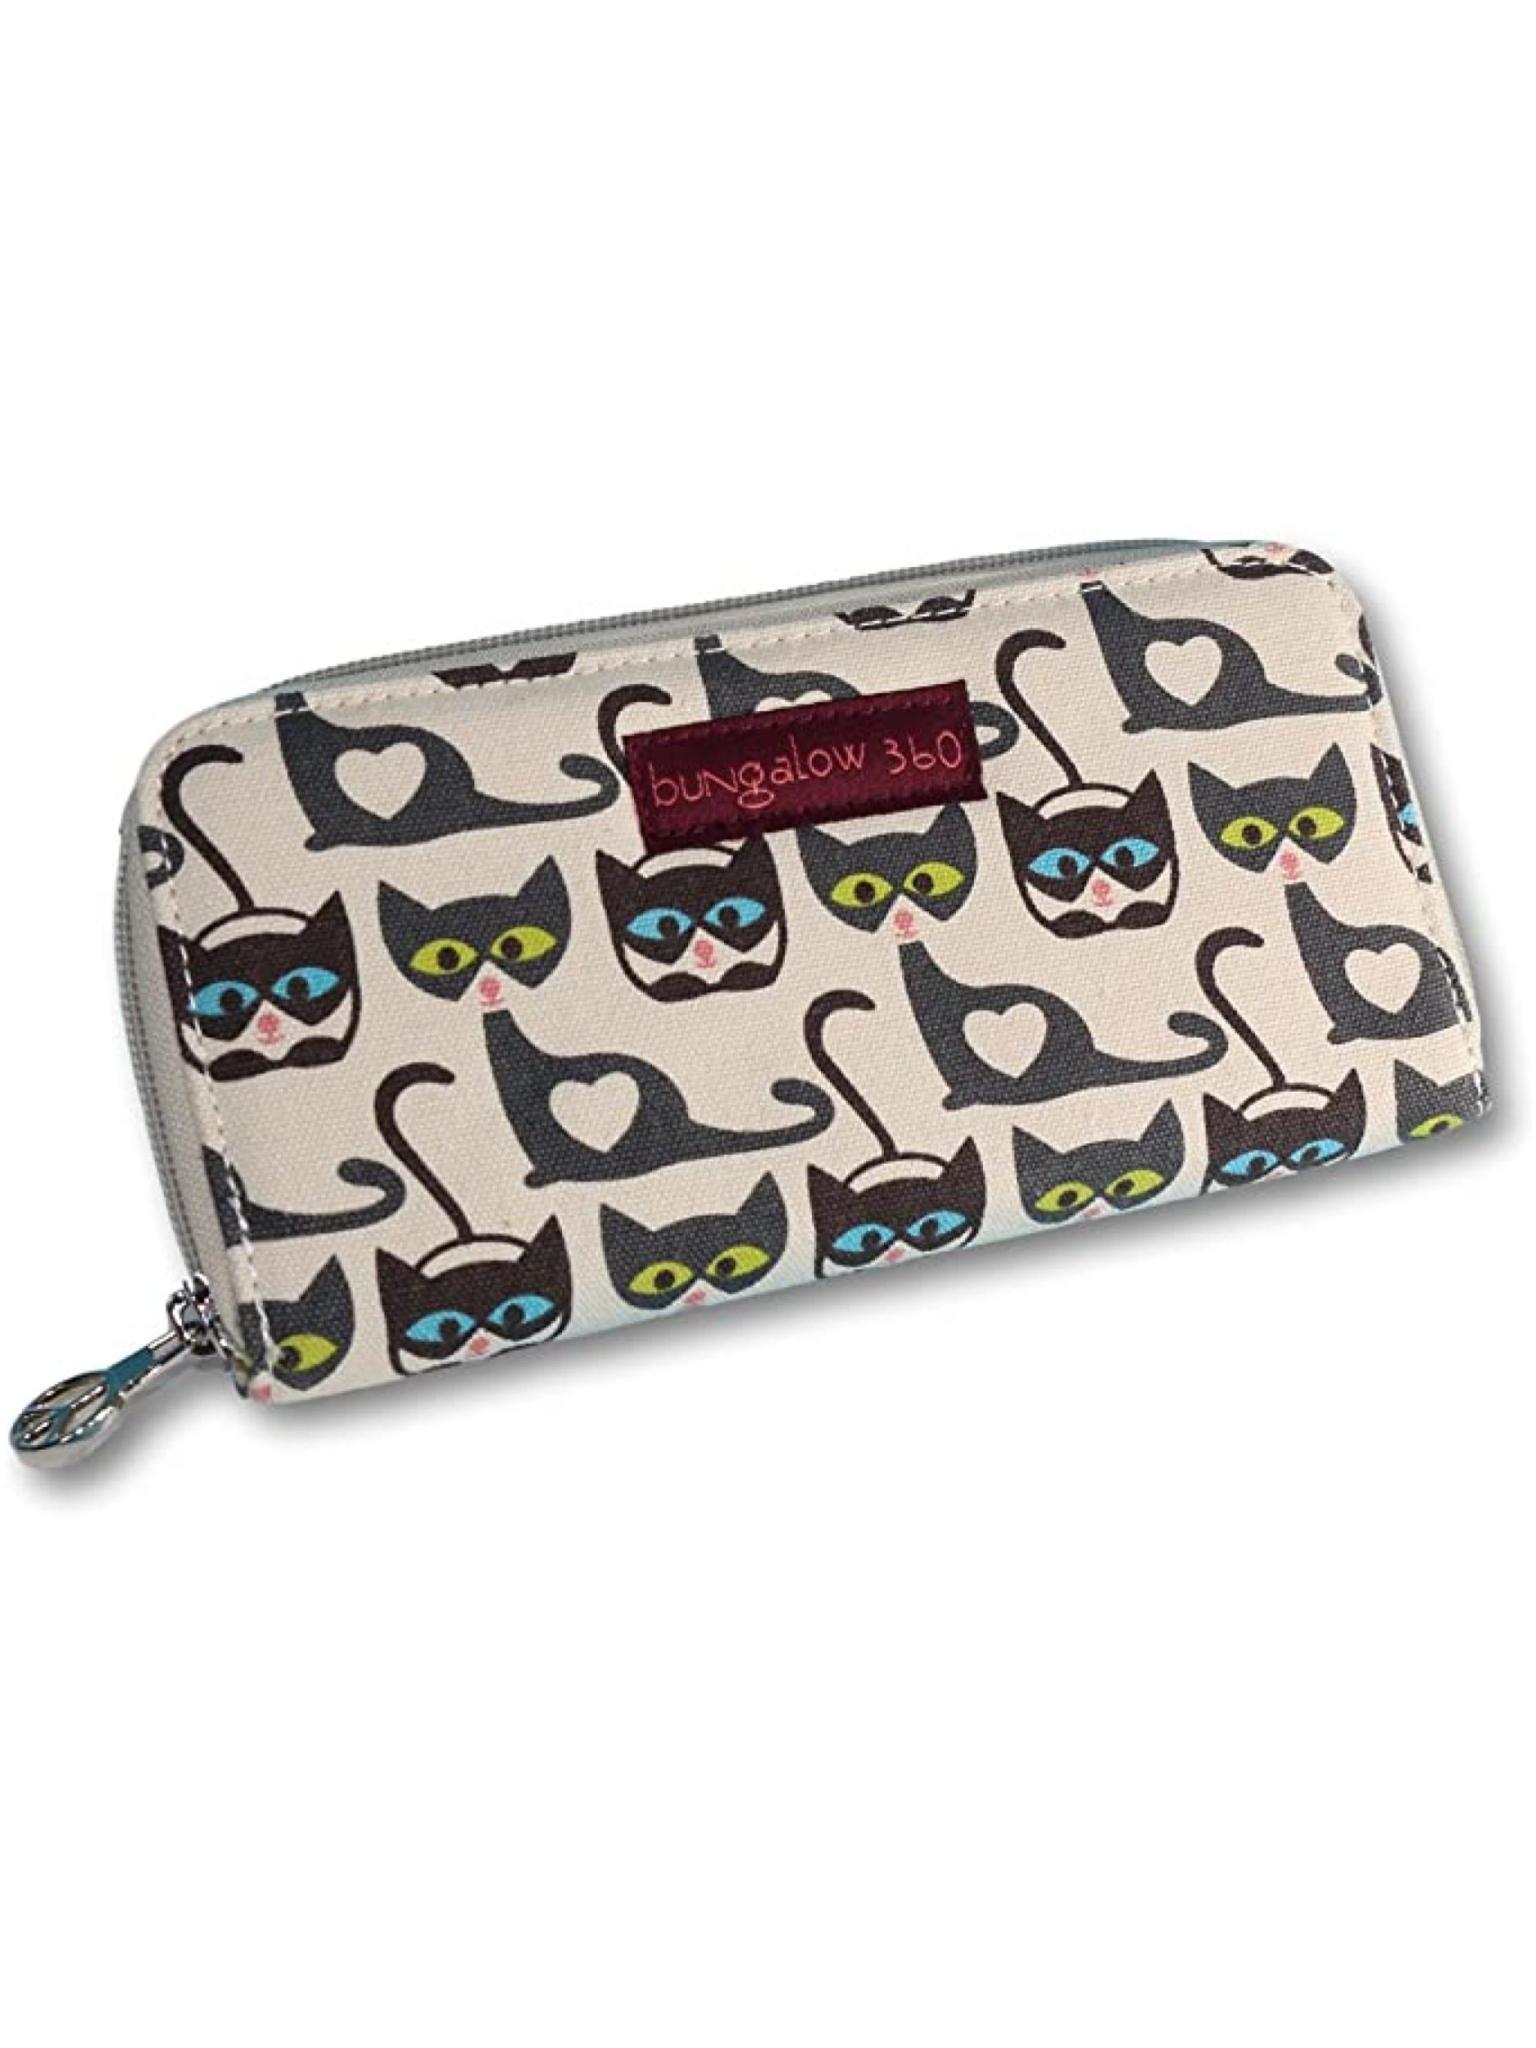 Bungalow 360 Zip Around Wallet Cat